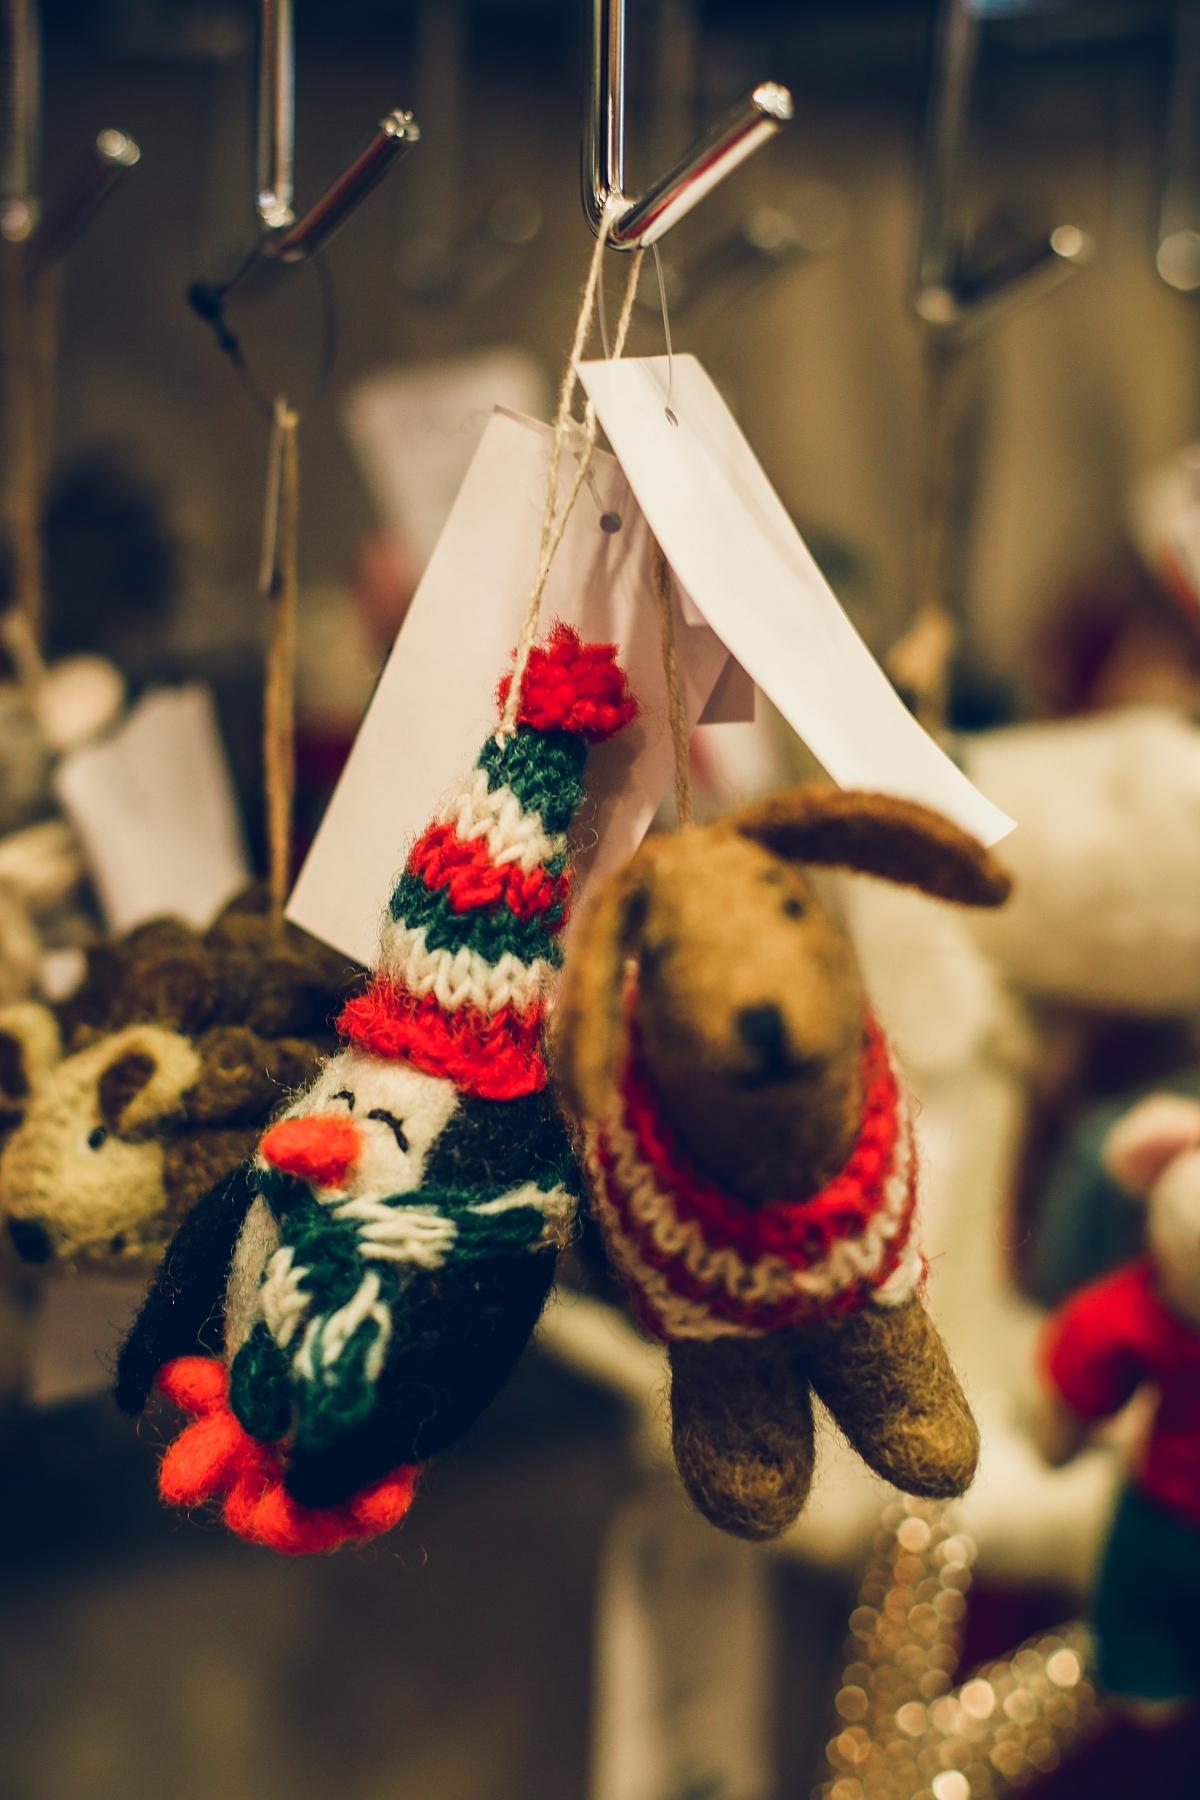 świąteczne prezenty dla każdego TK Maxx zawieszki choinkowe